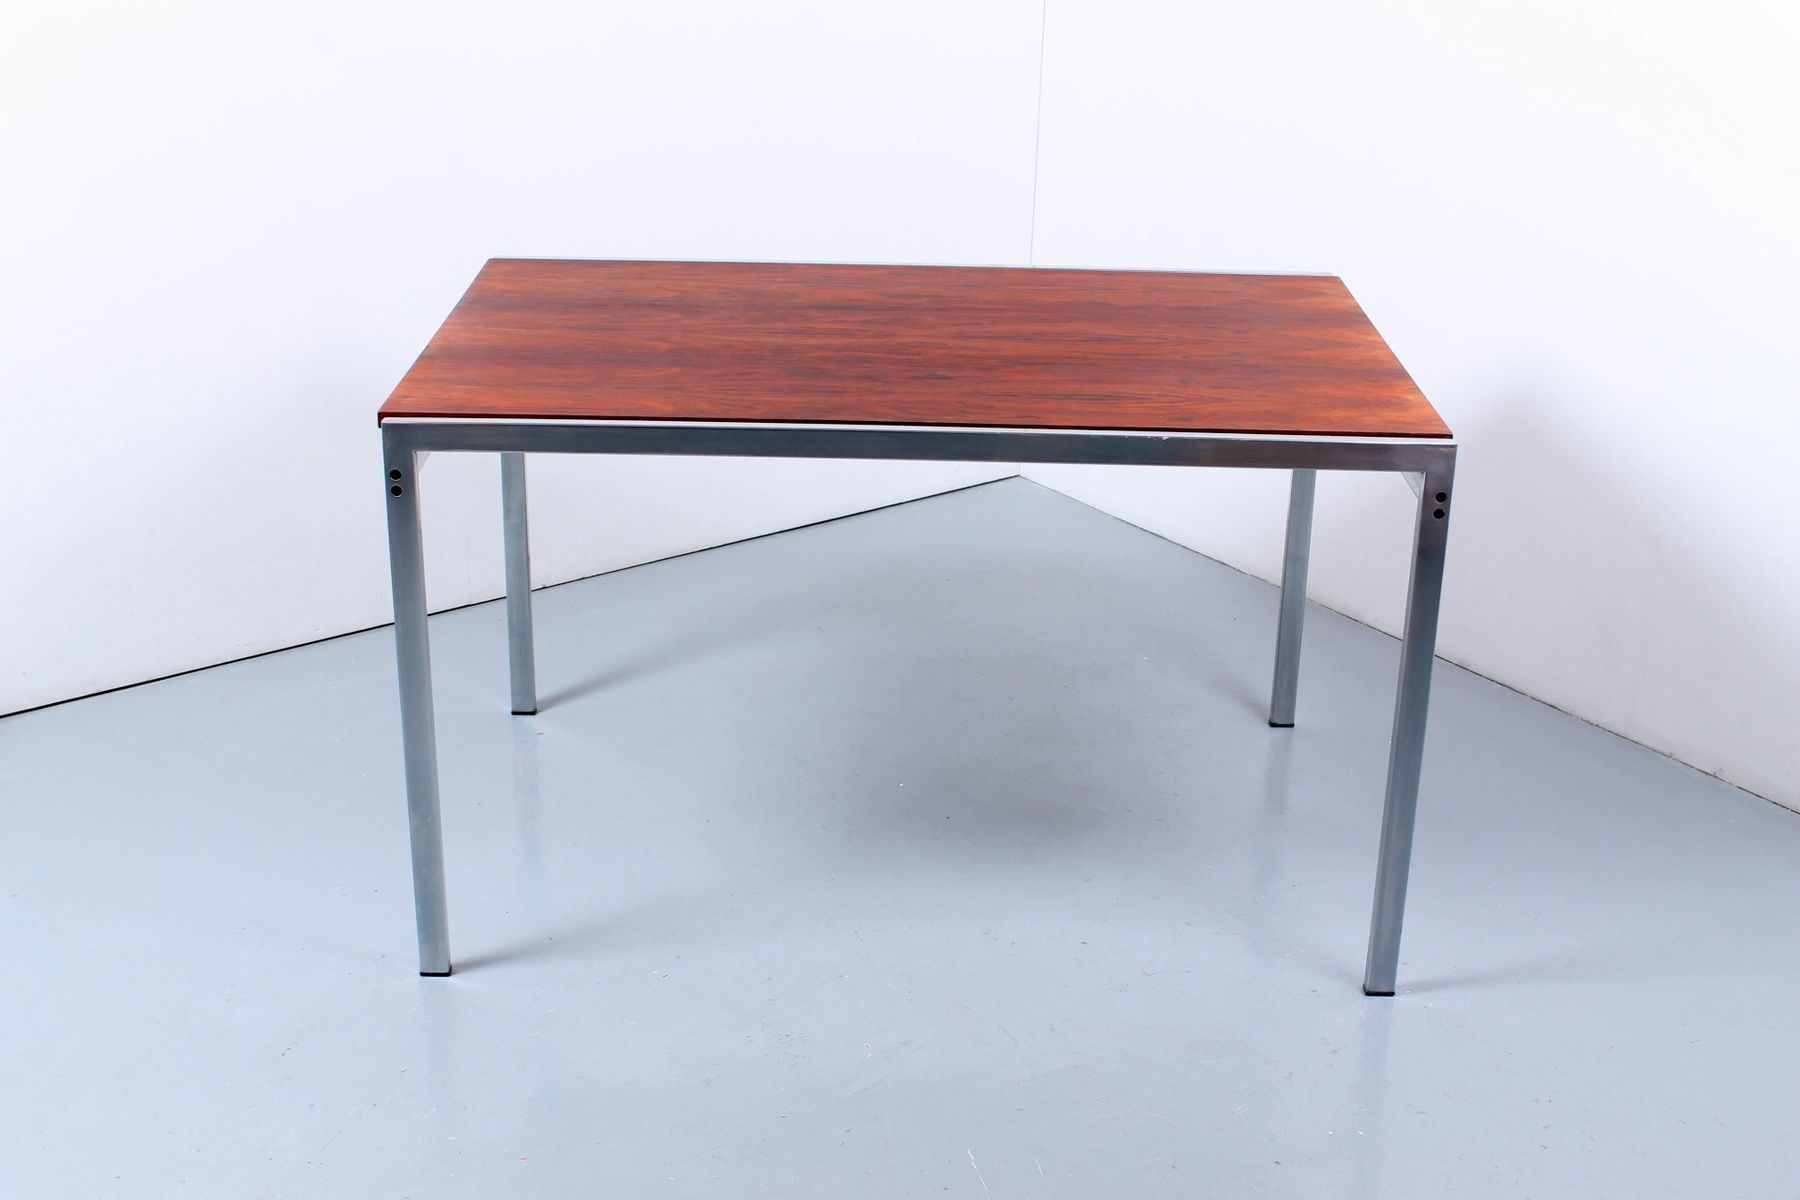 Roller Tischgruppe Doris Wohnzimmertisch Massivholz Buche